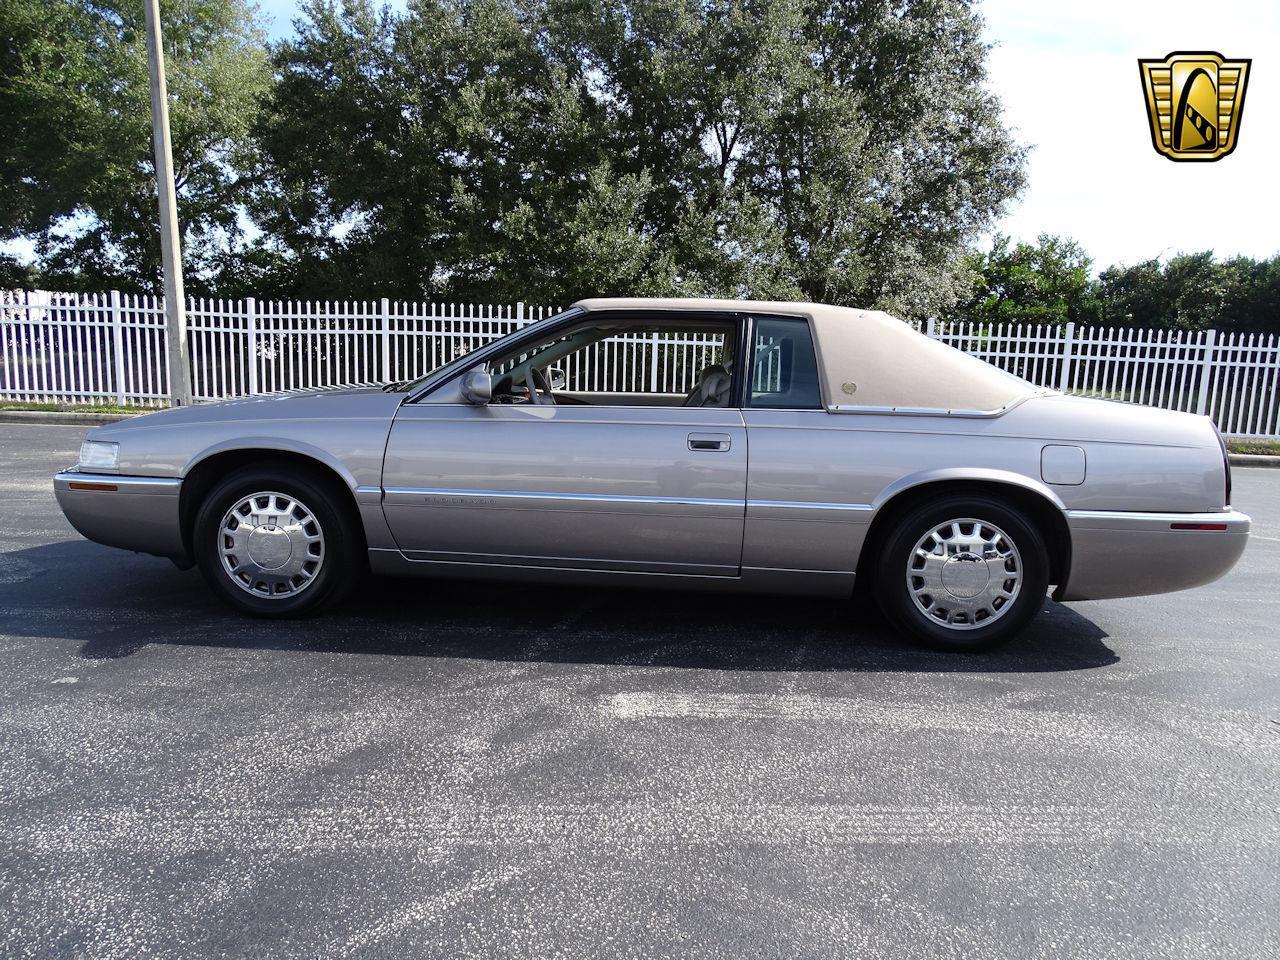 1995 cadillac eldorado for sale classiccars com cc 1173527 1995 cadillac eldorado for sale